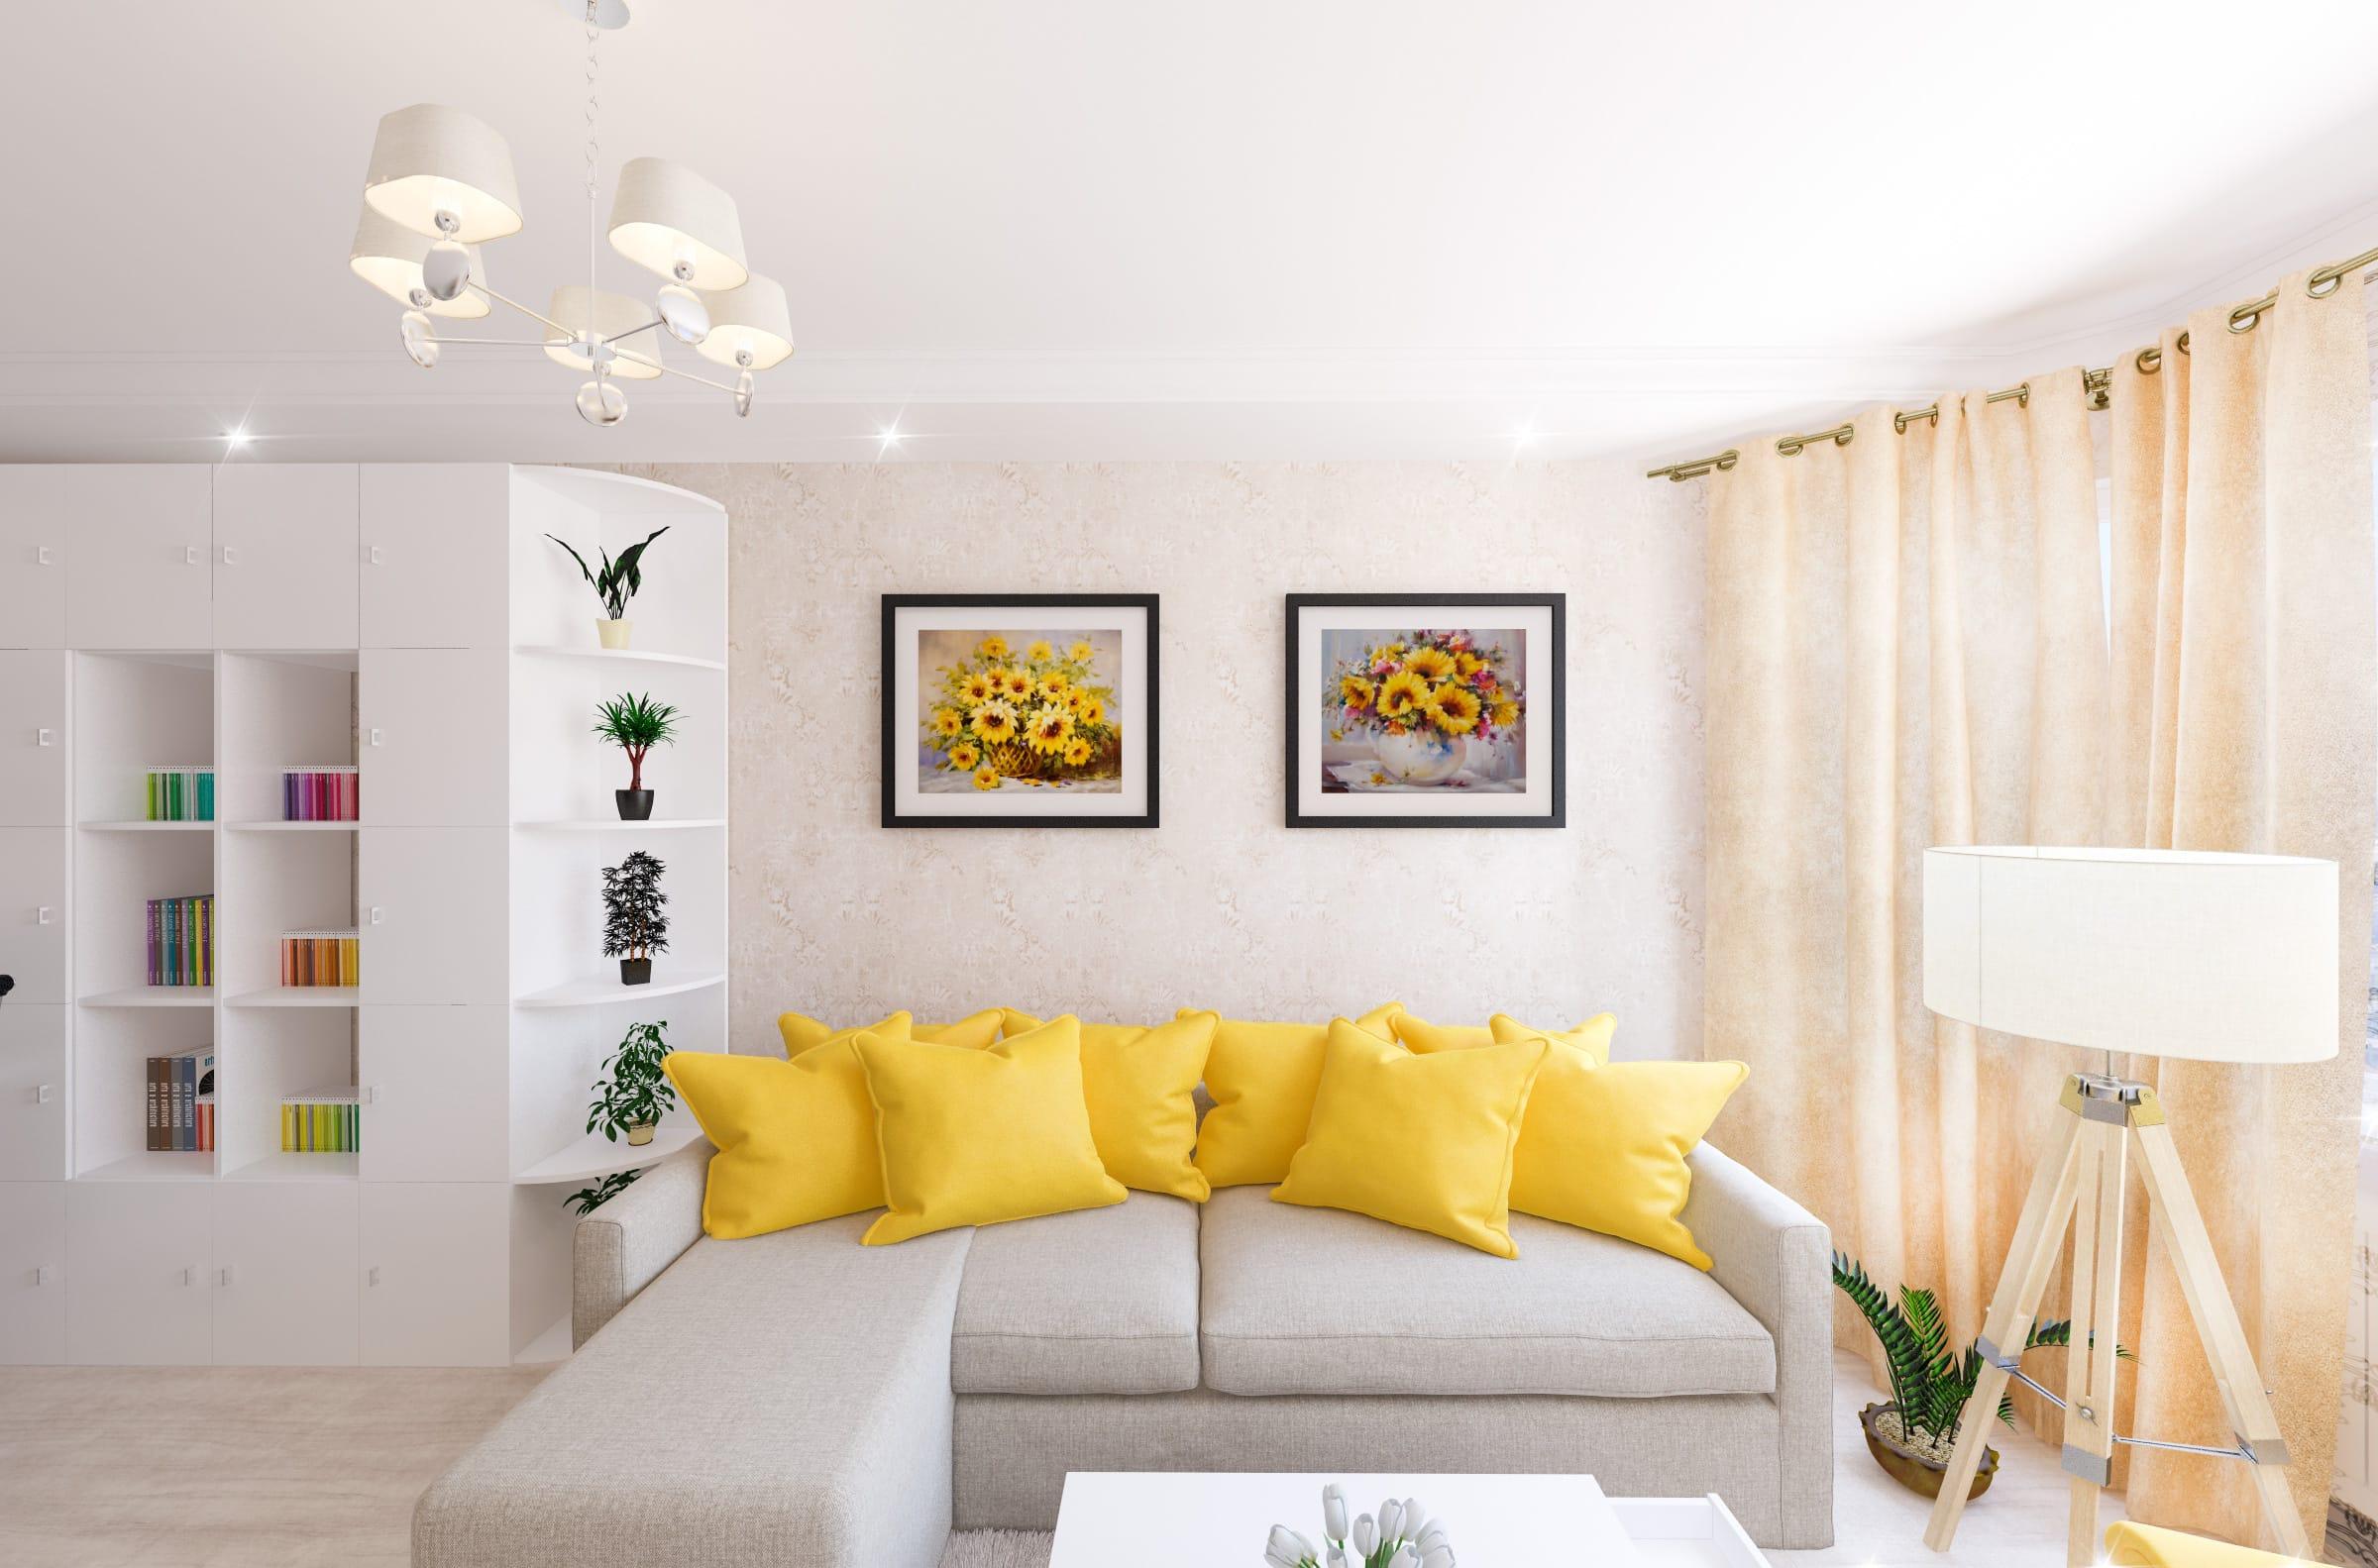 дизайн интерьера гостиной в гомеле желтые подушки картины белый шкаф с открытыми и закрытыми полками